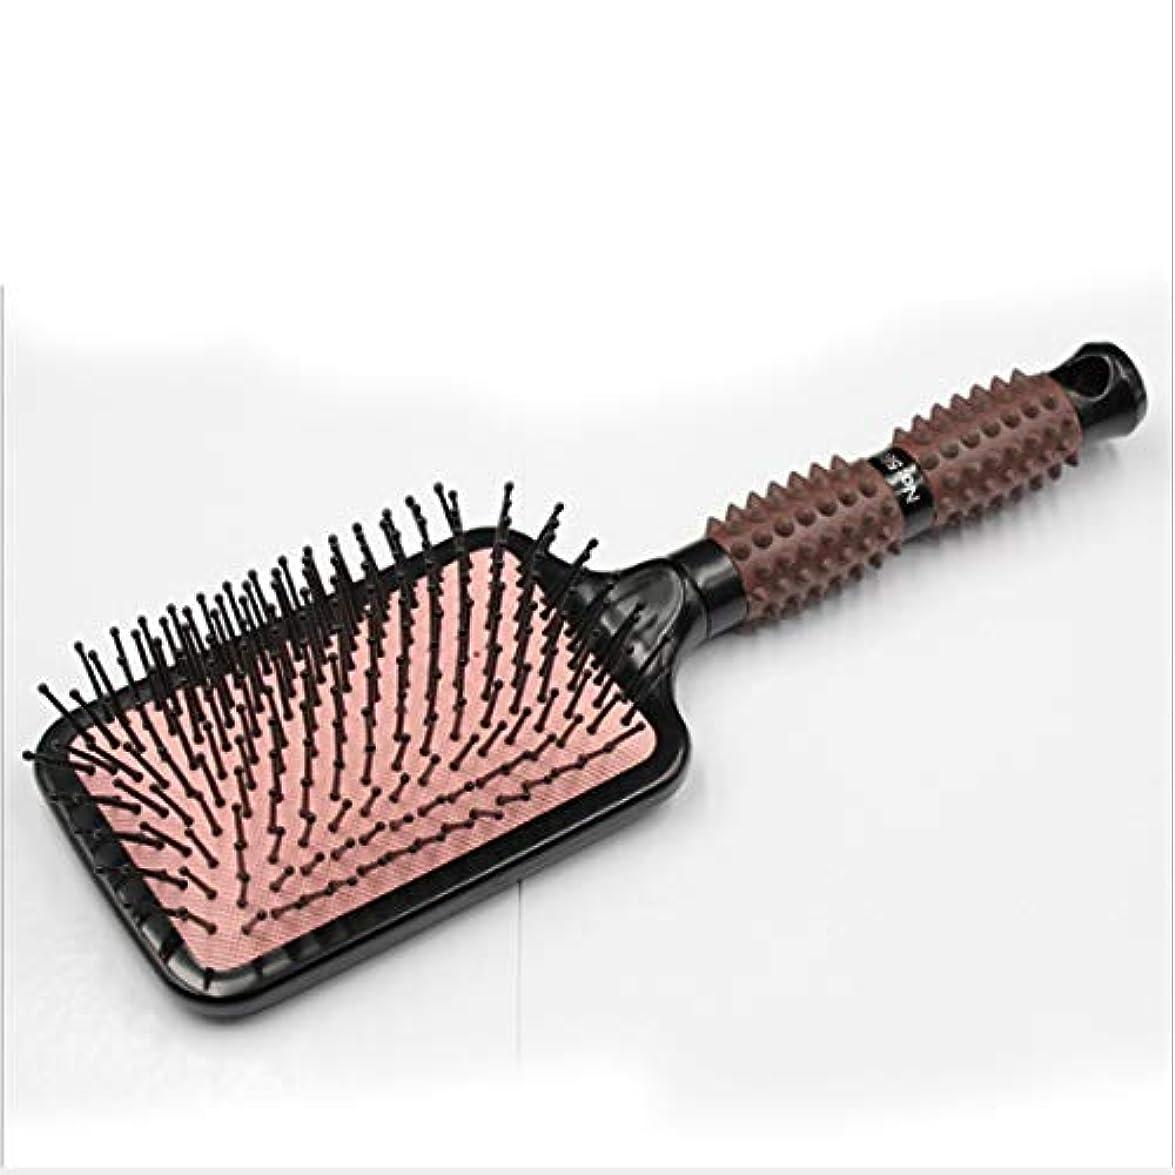 城快い敷居(黒)マッサージくしの髪と頭皮 - 濡れた髪と乾いた髪のための矯正&スムージング用ヘアブラシ ヘアケア (Design : Square)